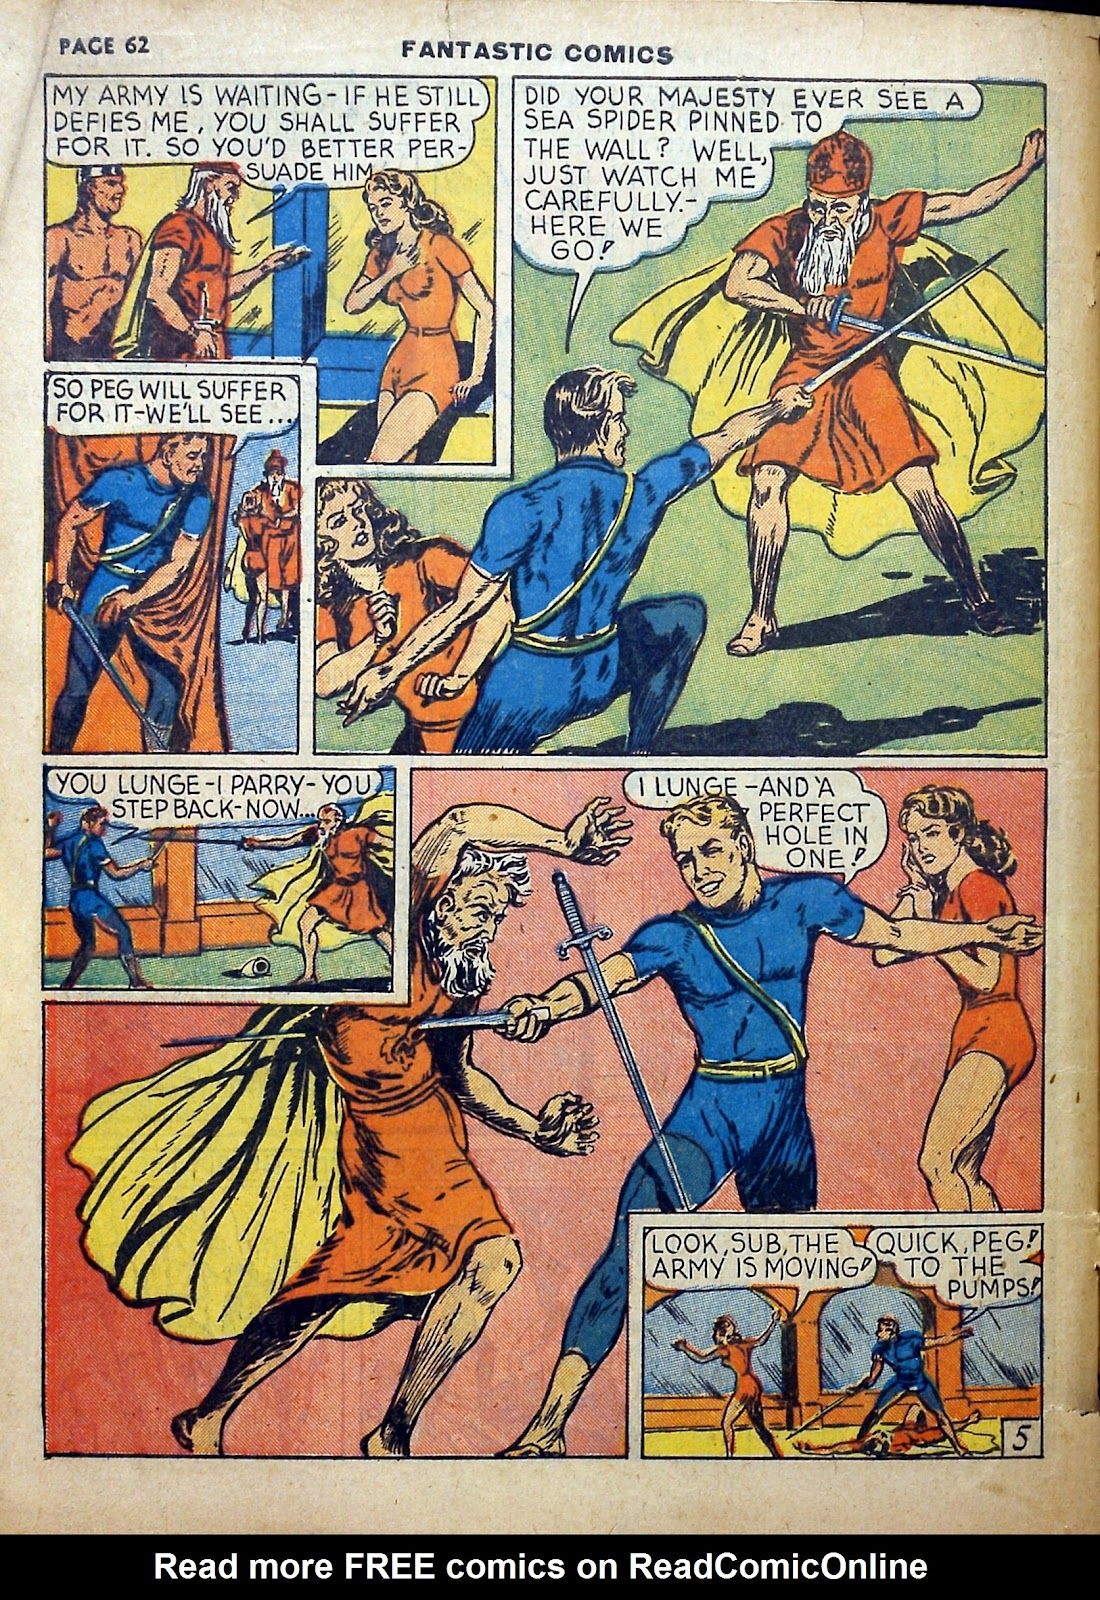 Read online Fantastic Comics comic -  Issue #5 - 63